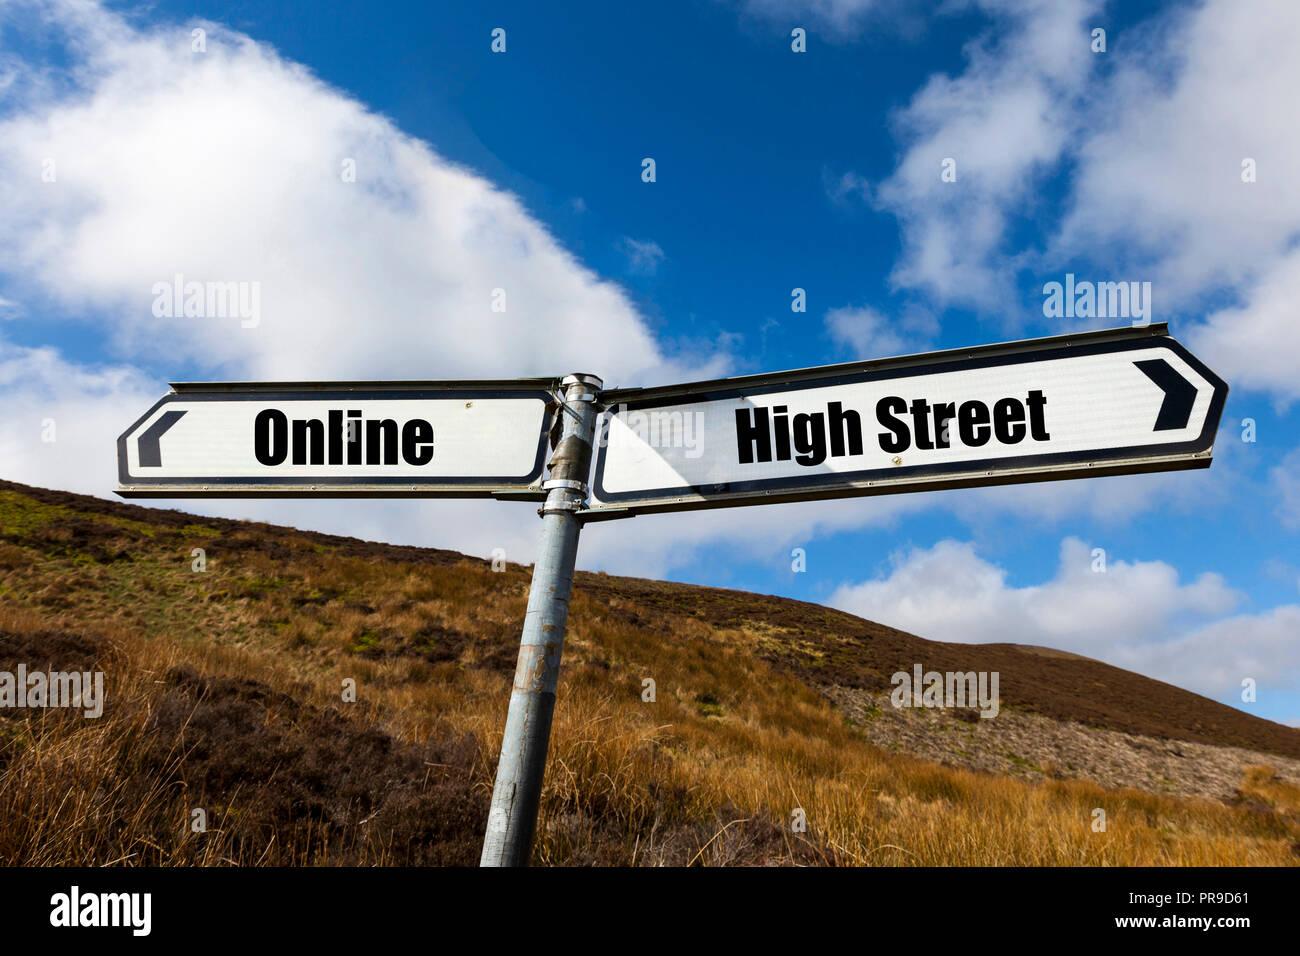 En ligne, High Street, shopping, concept, achats en ligne, des magasins de la rue Haute, mourir high street, UK, l'achat, l'achat en ligne, achats, avenir, shop Photo Stock